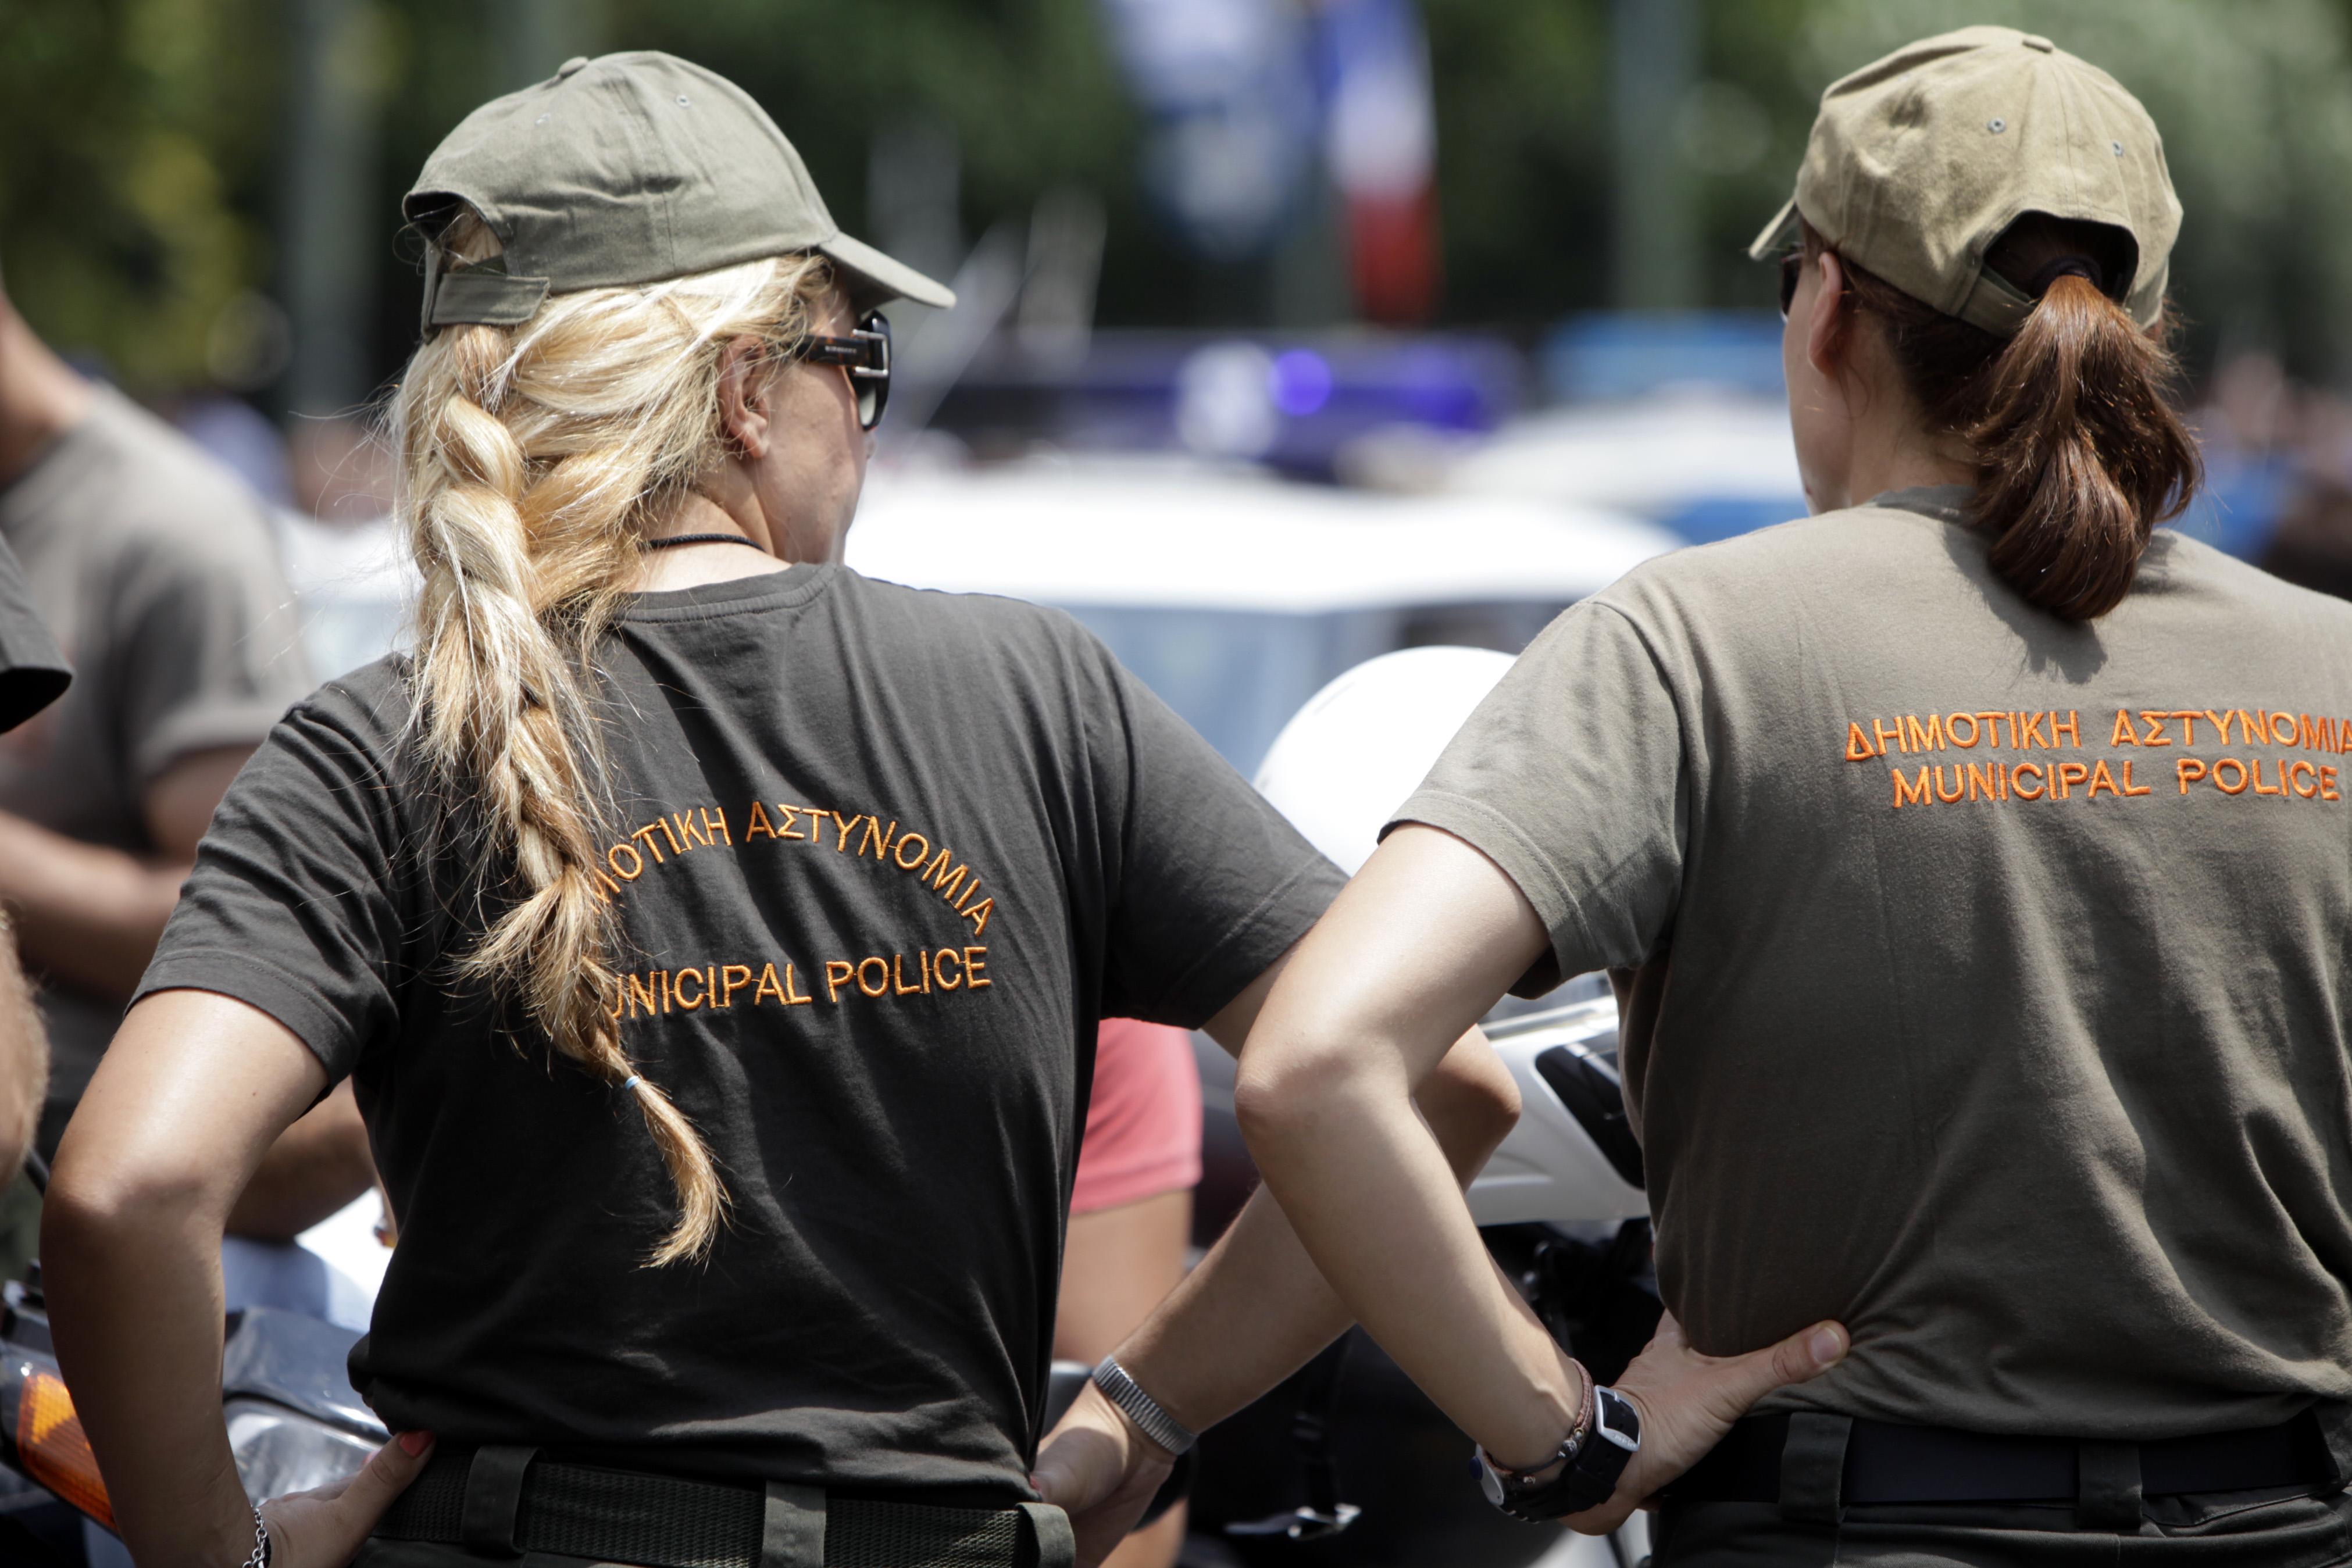 Ποιοι υπάλληλοι επιστρέφουν στη Δημοτική Αστυνομία